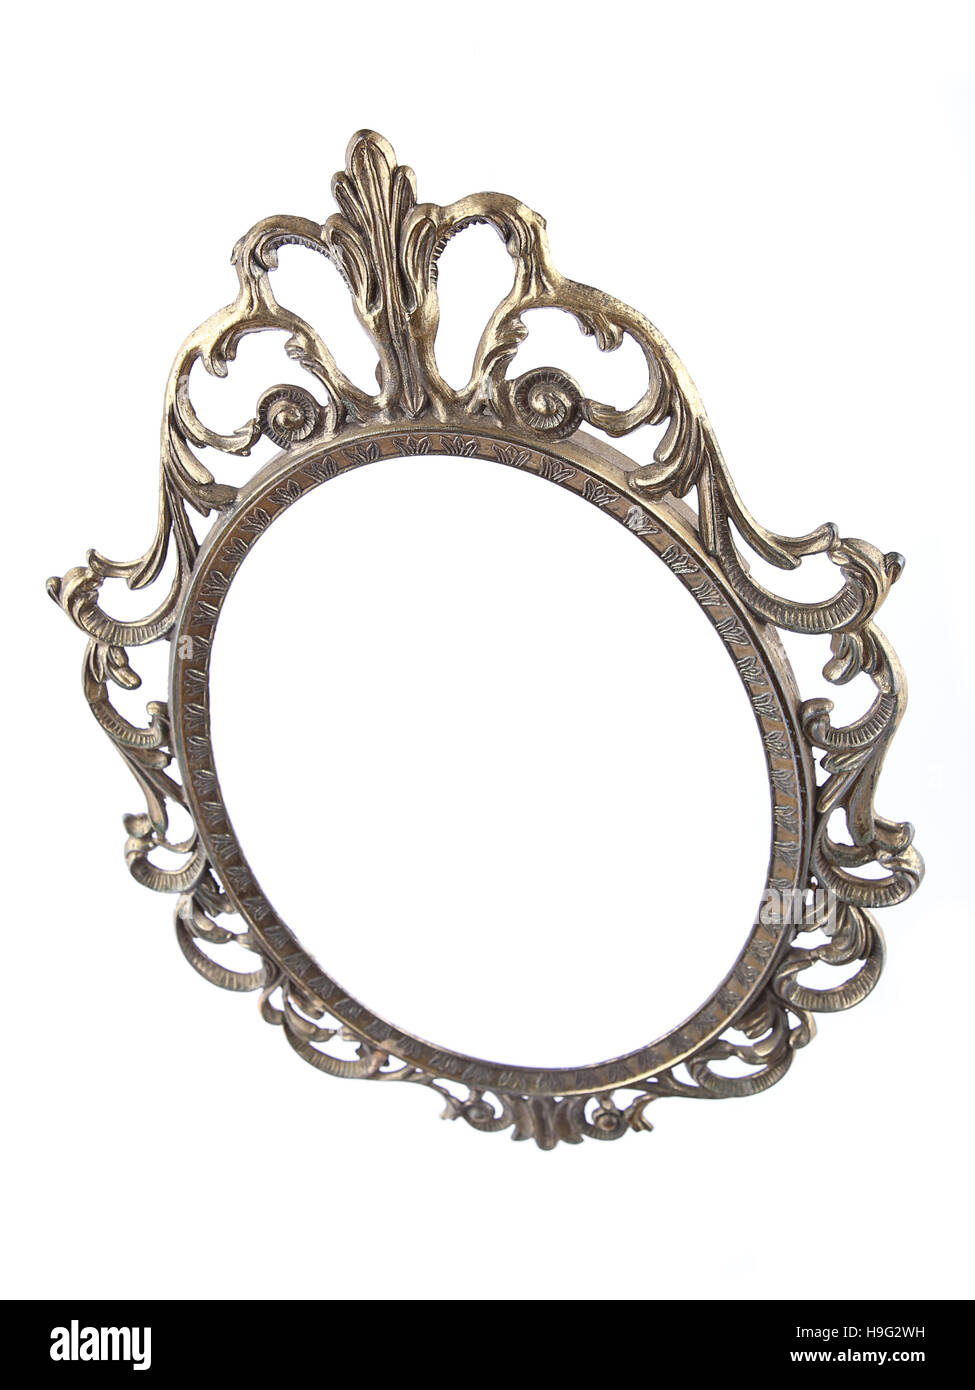 Oval Mirror White Background Stock Photos & Oval Mirror White ...